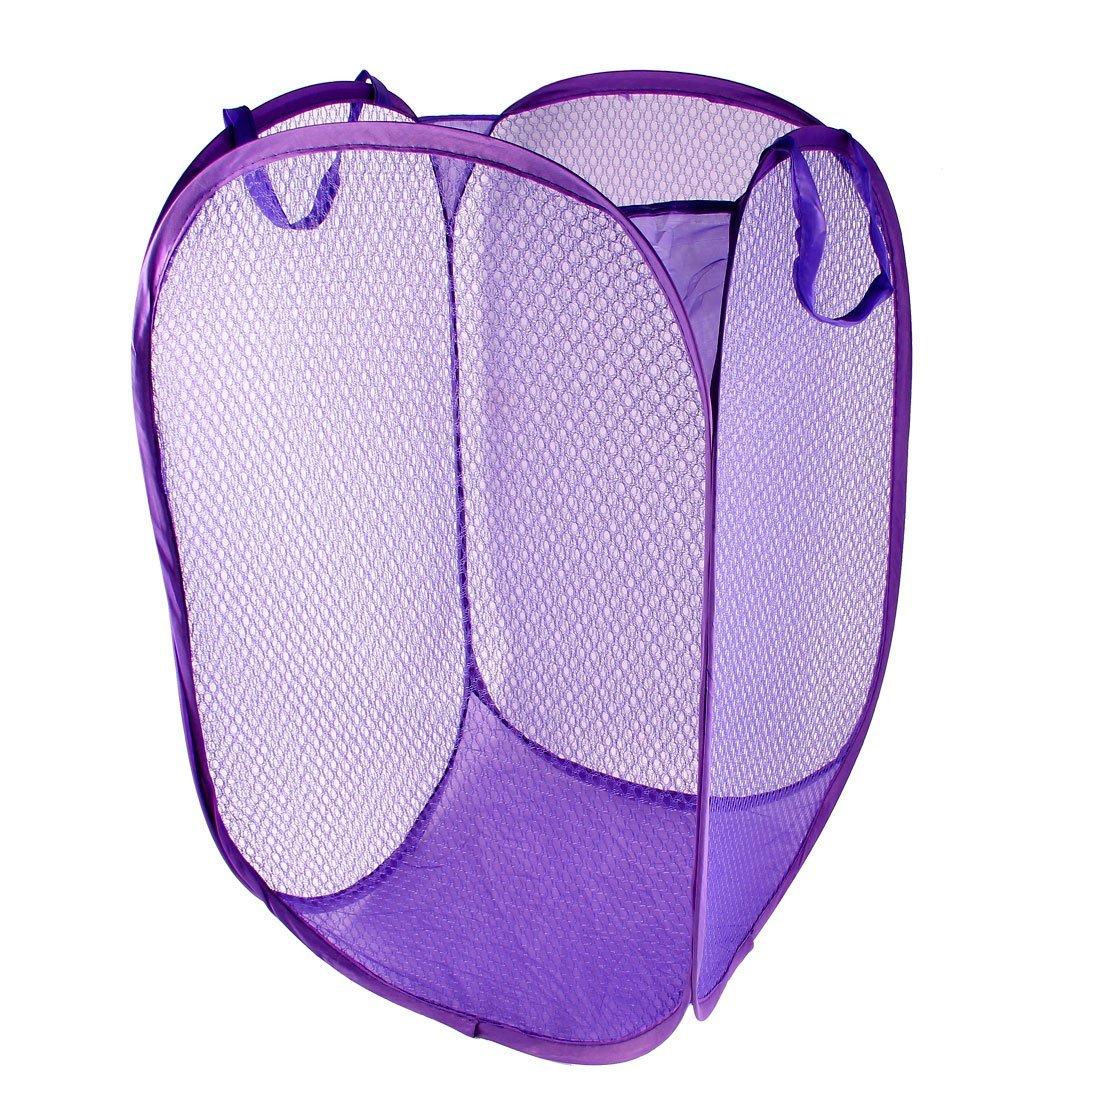 household dirty clothes laundry folding mesh bag basket holder t1 ebay. Black Bedroom Furniture Sets. Home Design Ideas